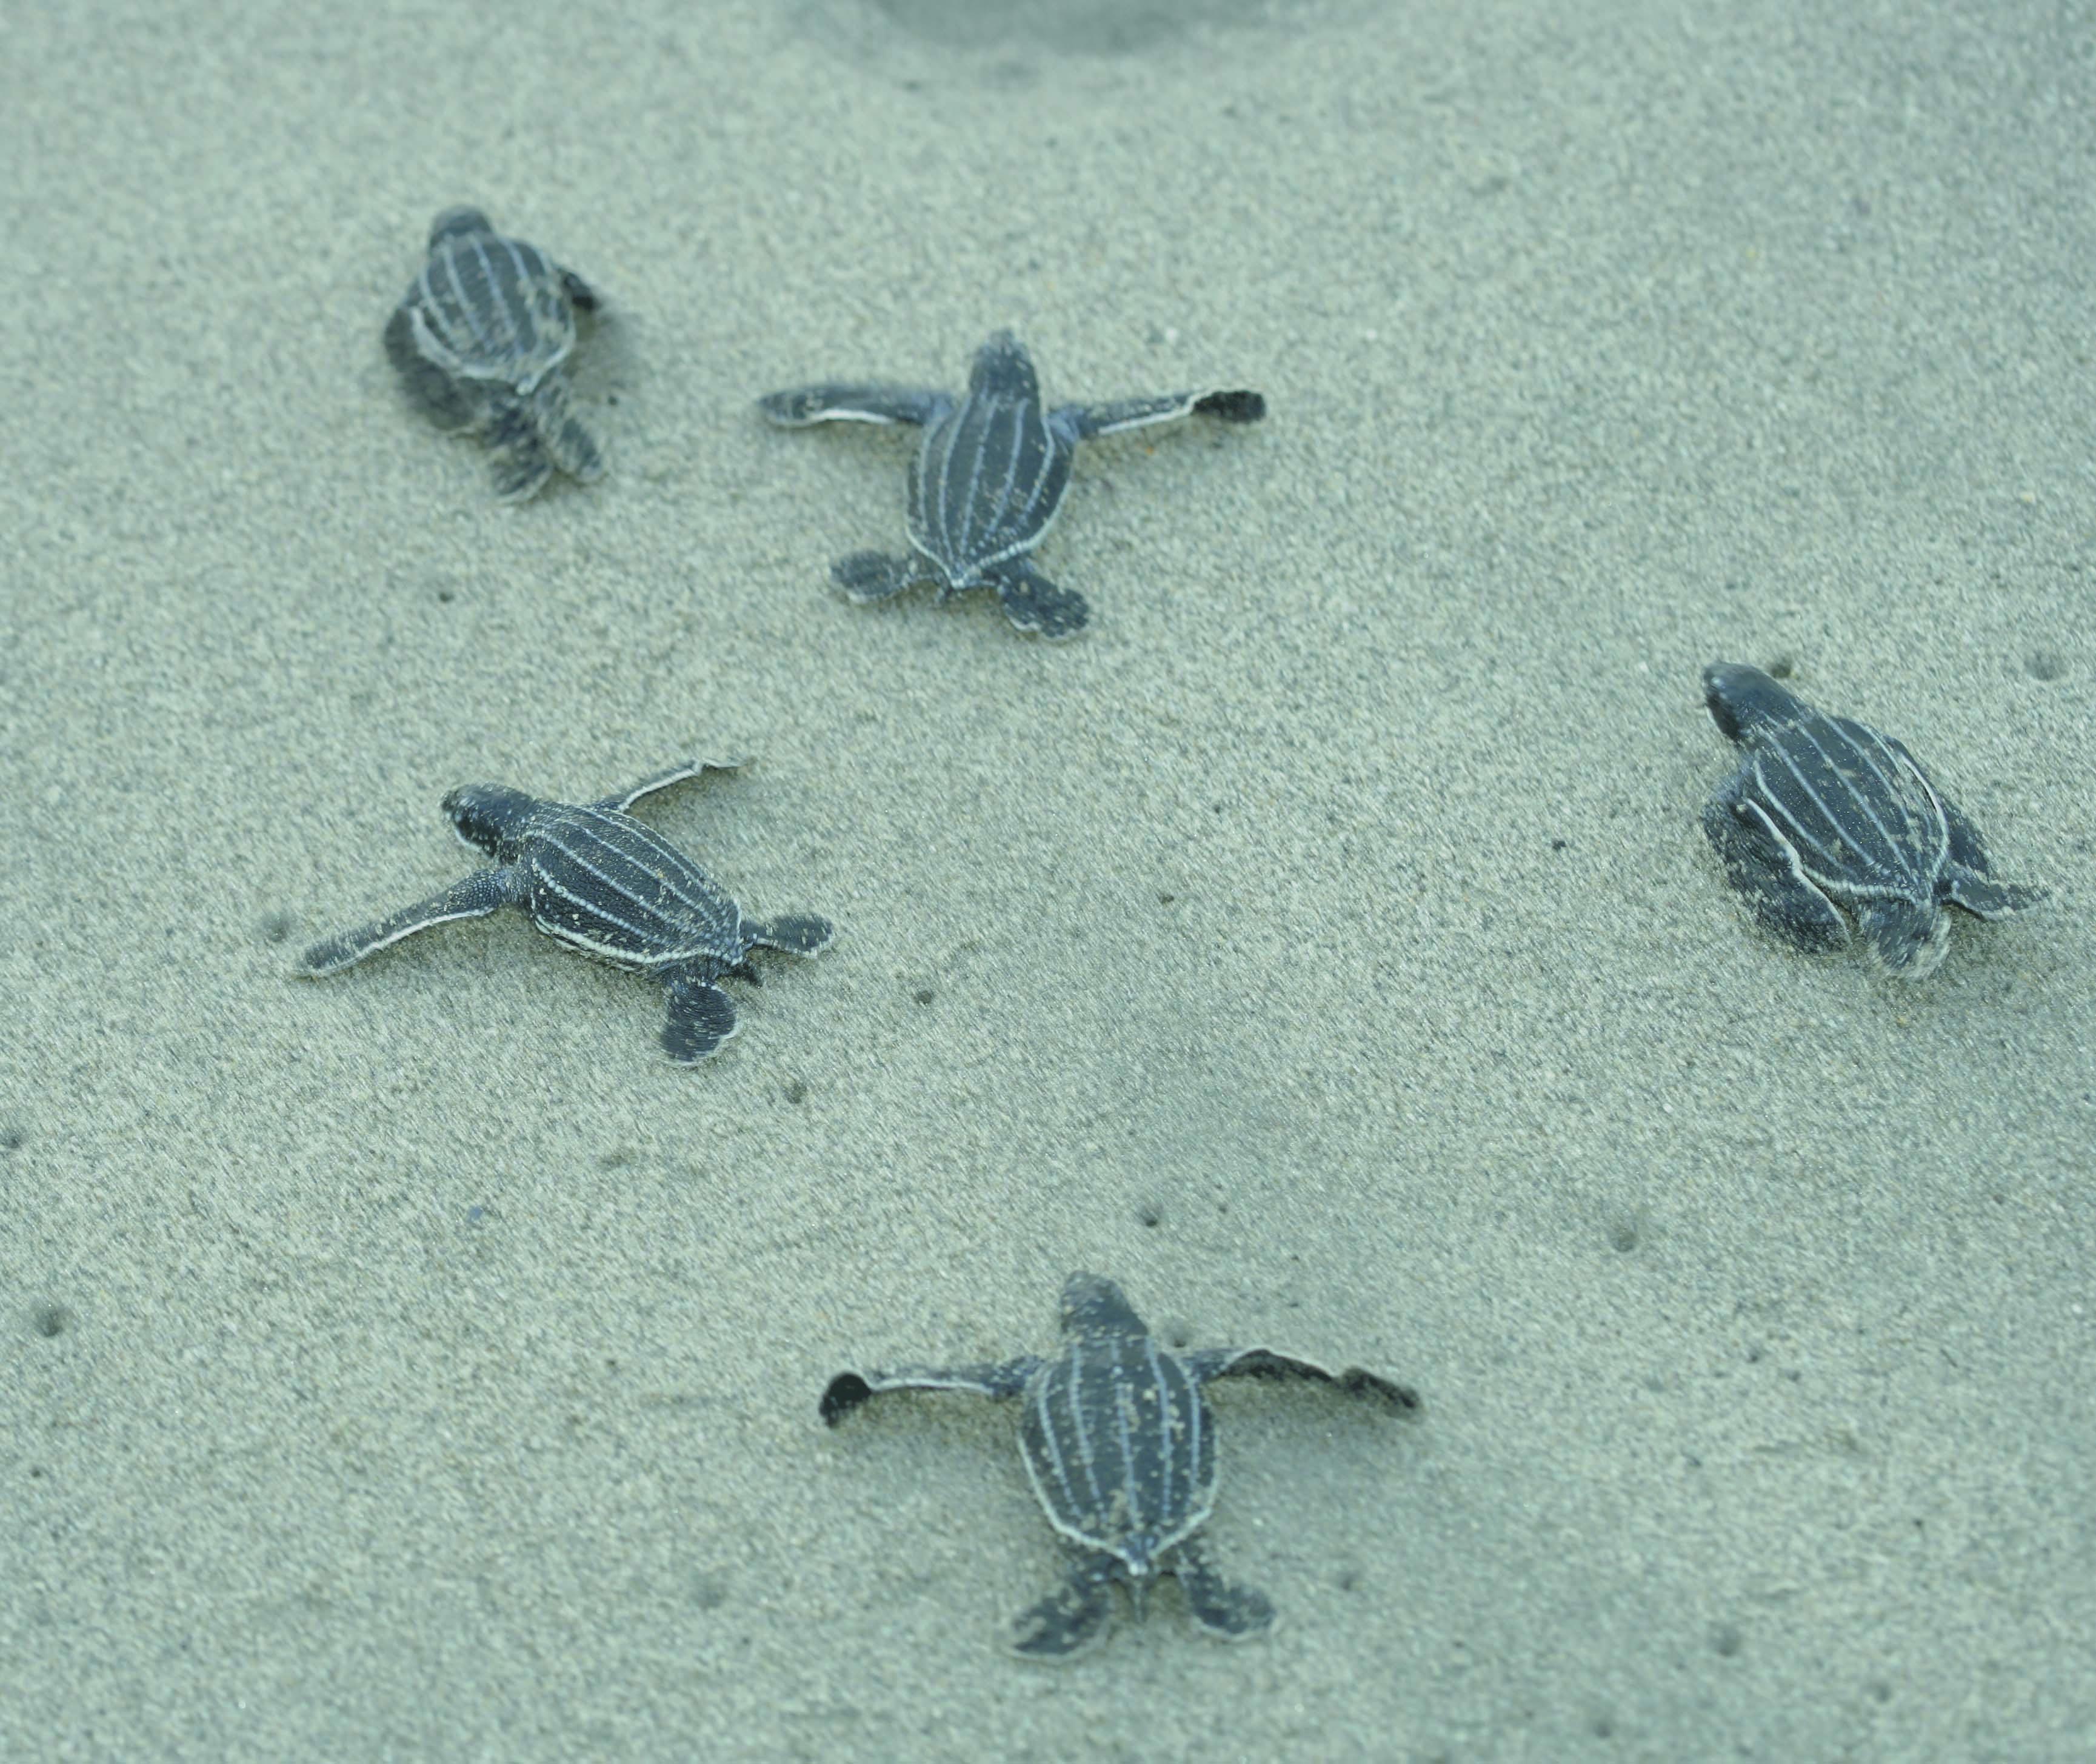 Volunteerism Helps Save the Leatherback Sea Turtle